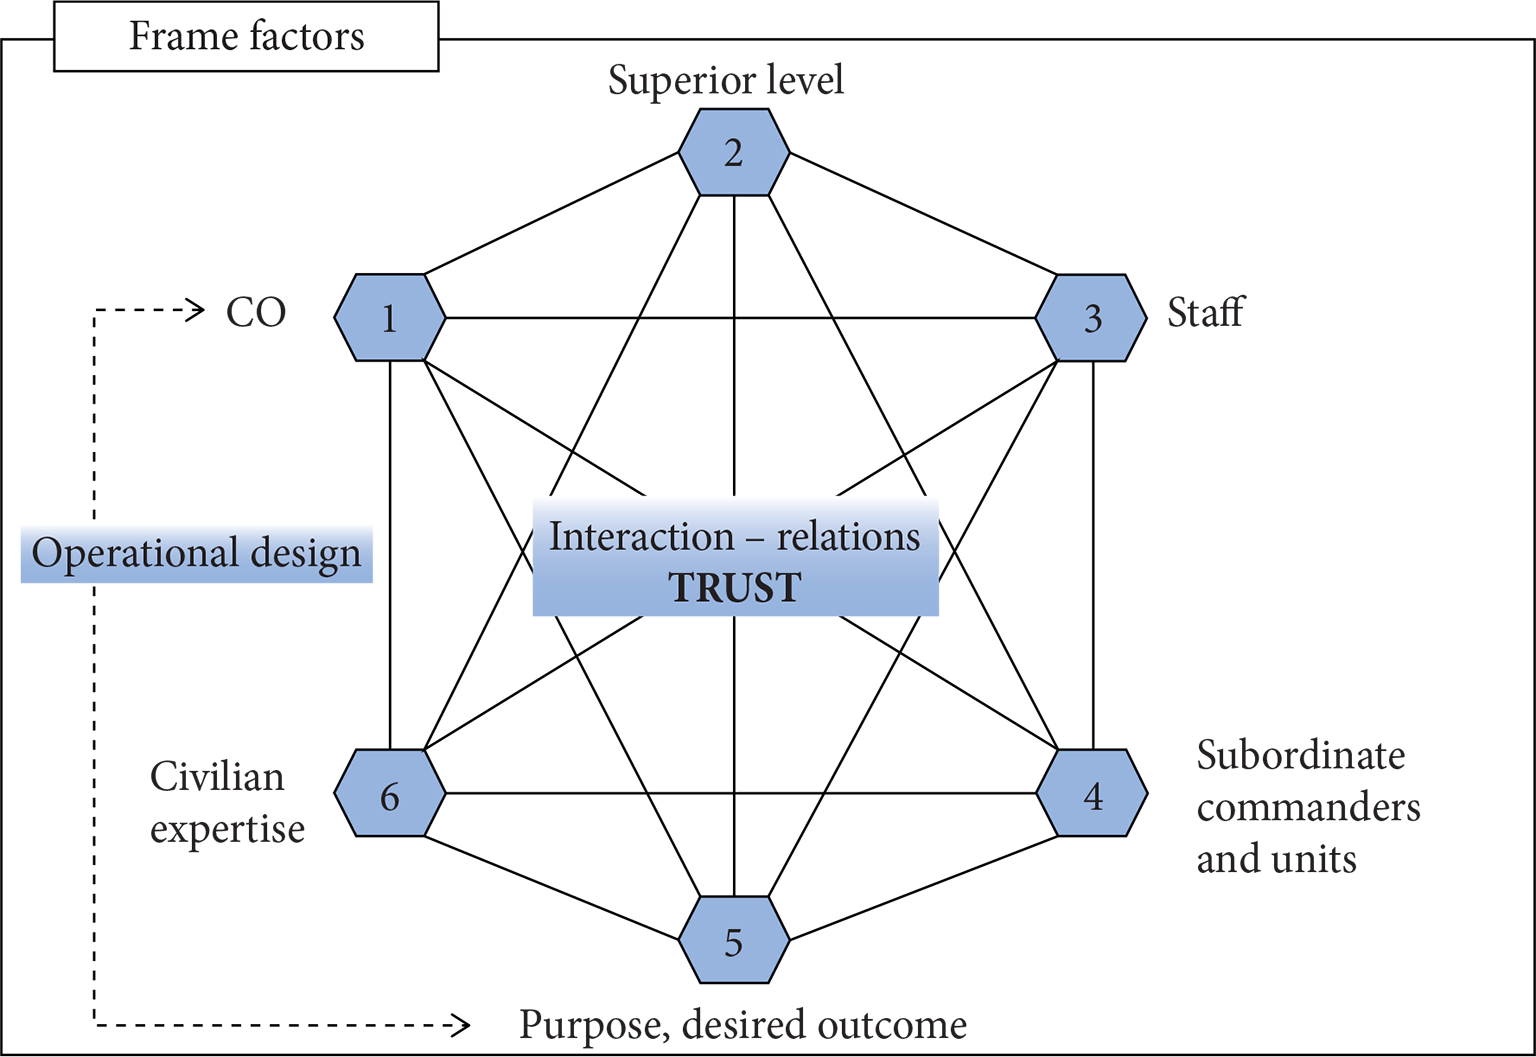 Klein sexual orientation grid pdf to excel